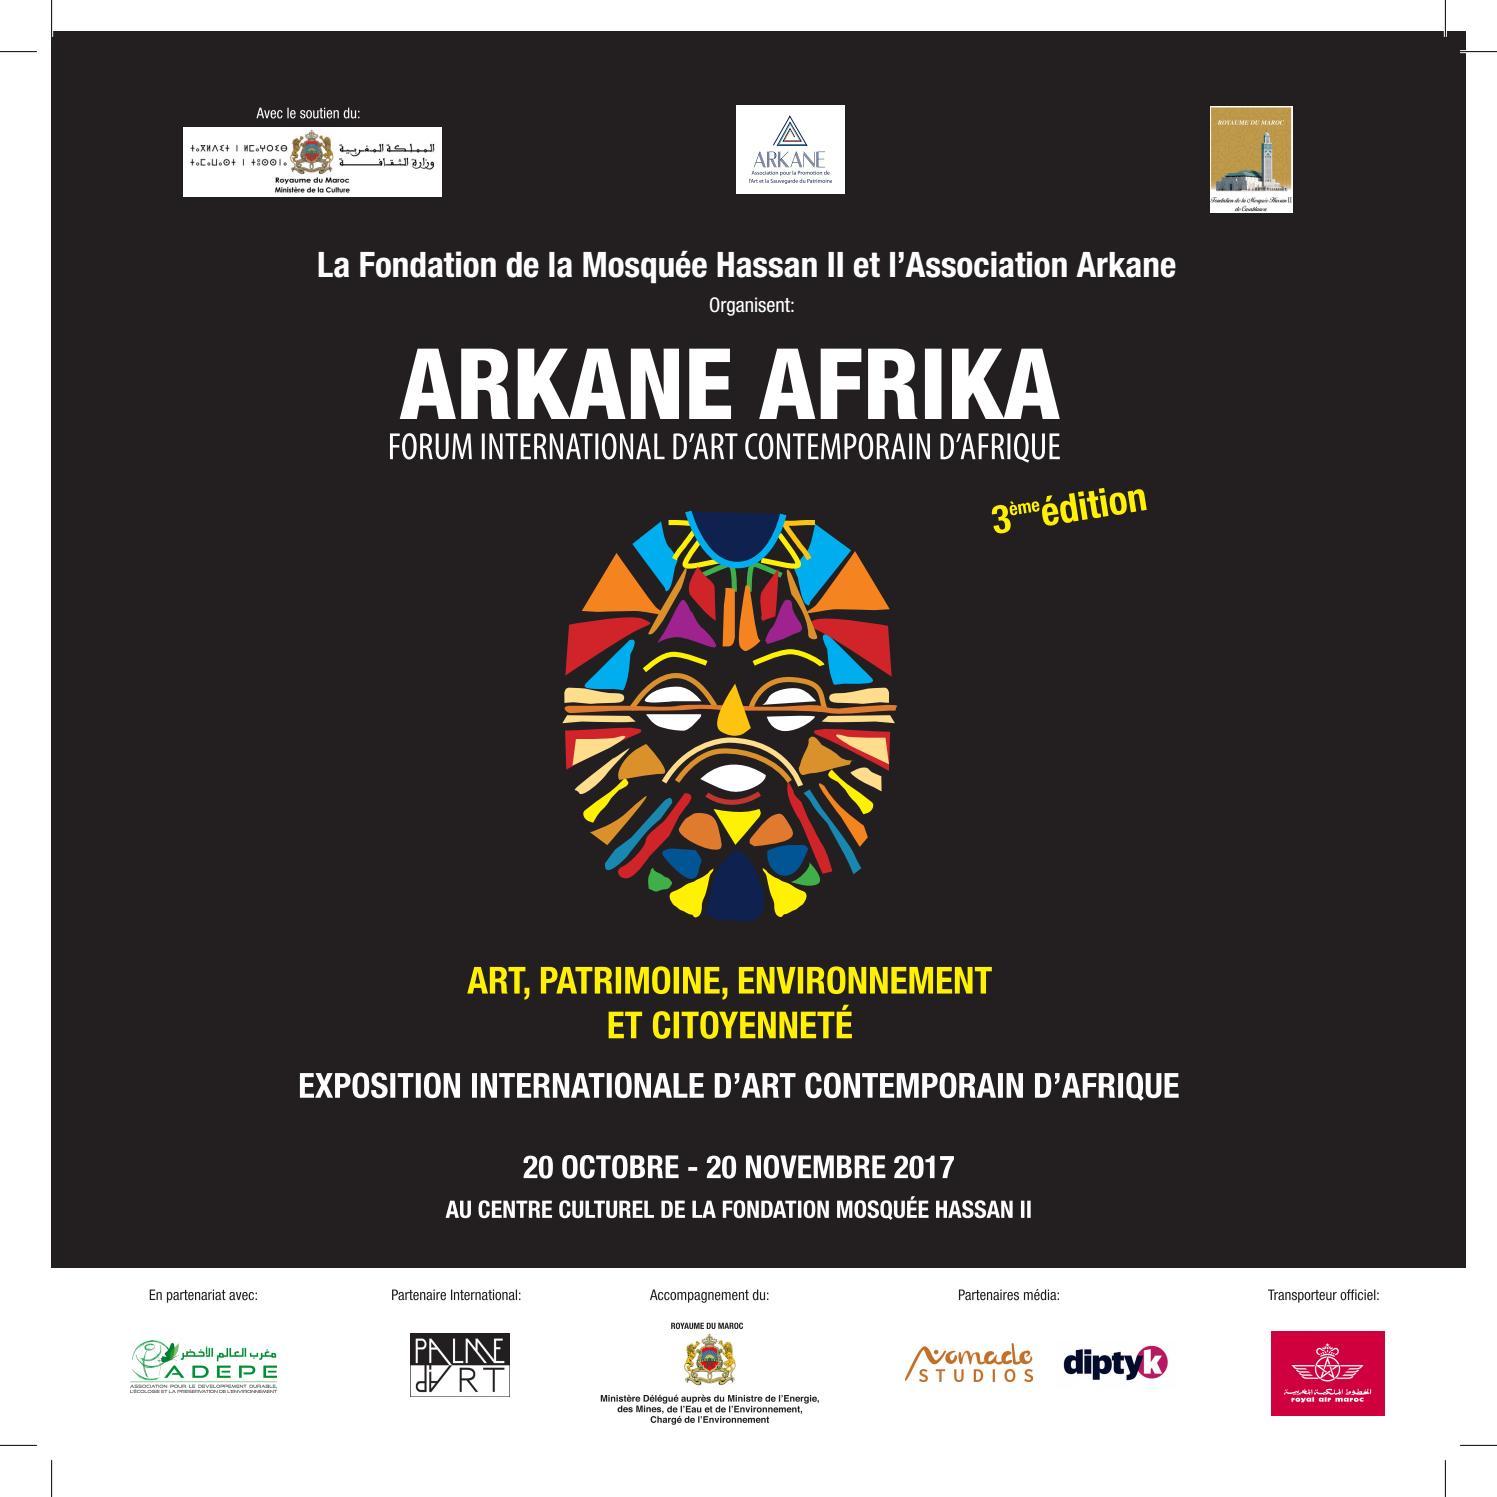 Peintre Contemporain Célèbre Vivant catalogue arkane afrika 3ème édition exposition art